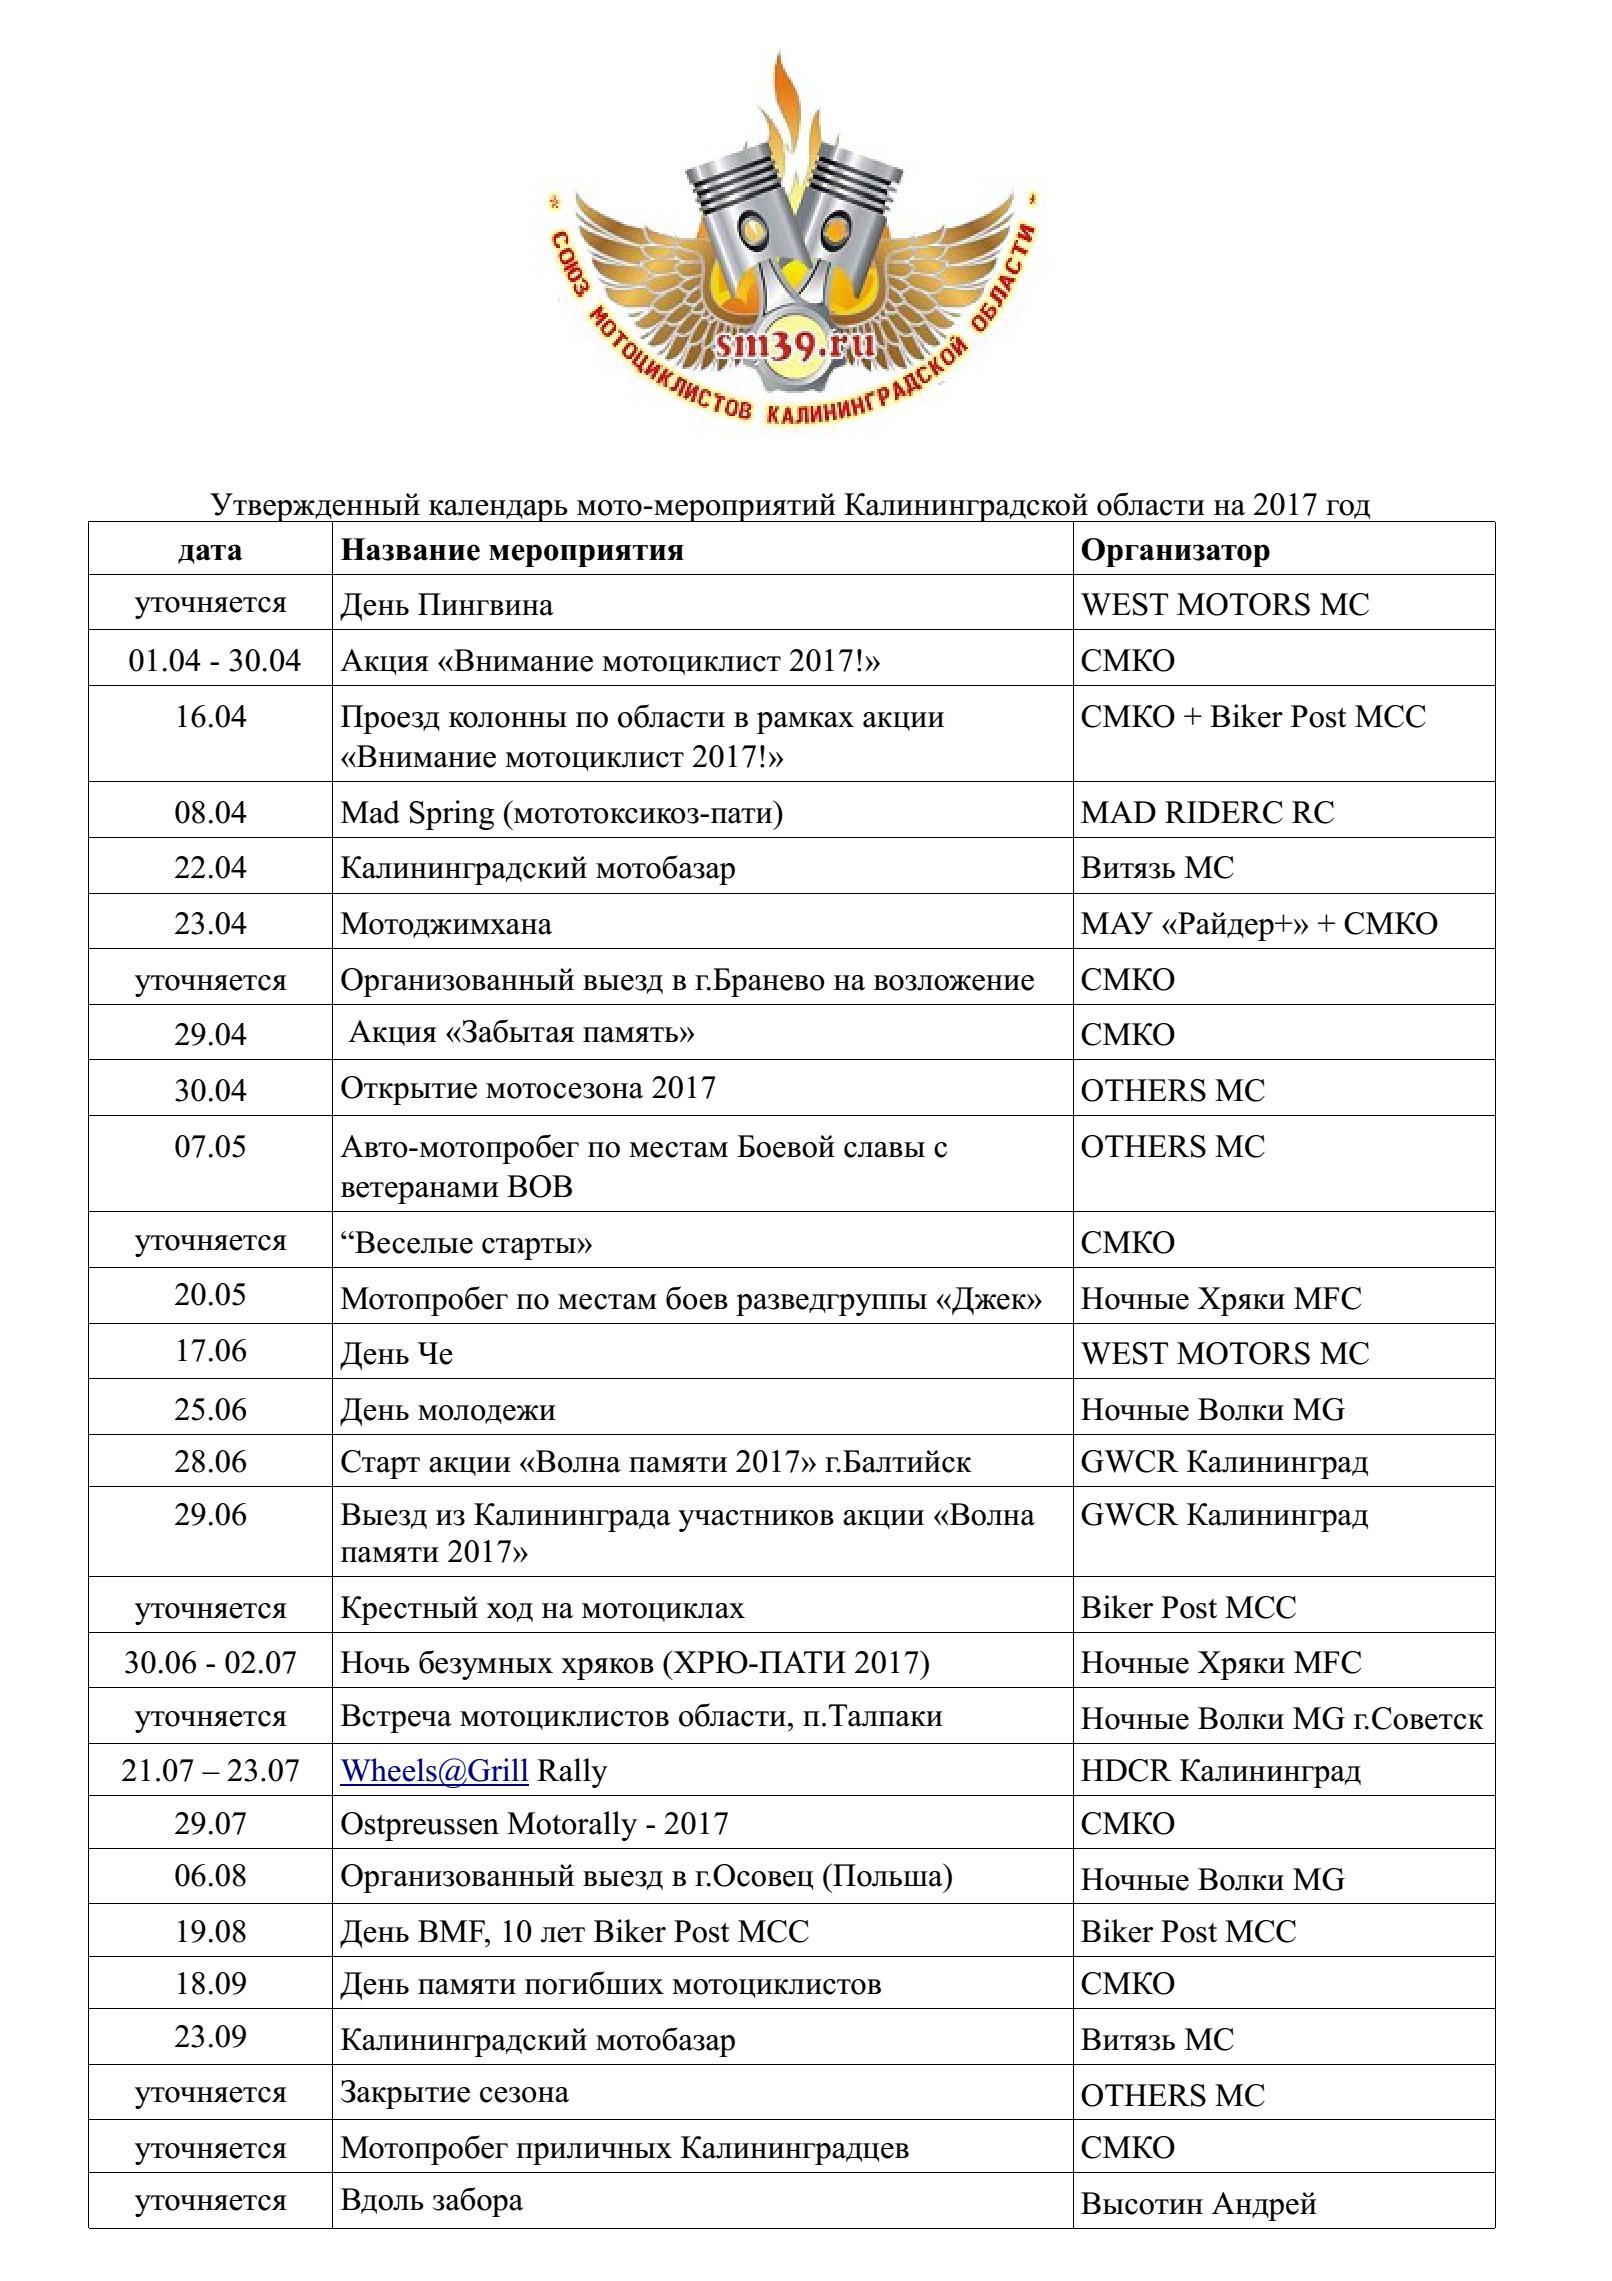 Календарь мото-мероприятий в Калининградской области на 2017 год